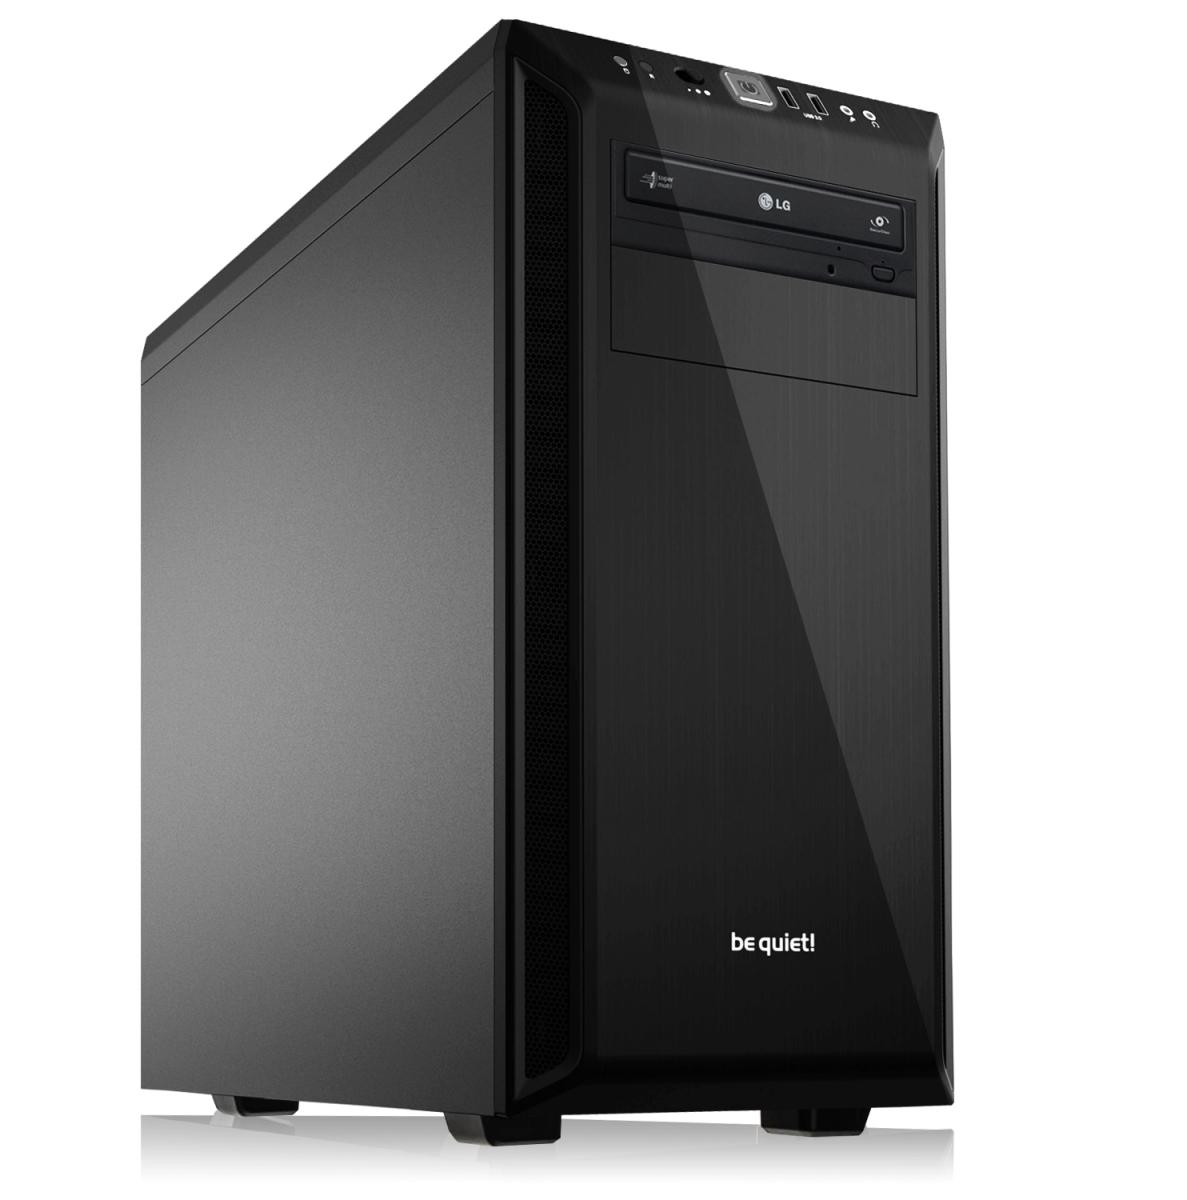 Ordinateur fixe - i5-9600k, RTX-2070 (8 Go), 16 Go de RAM, 2 To + 256 Go en SSD, Alimentation Super Silent (650 W)